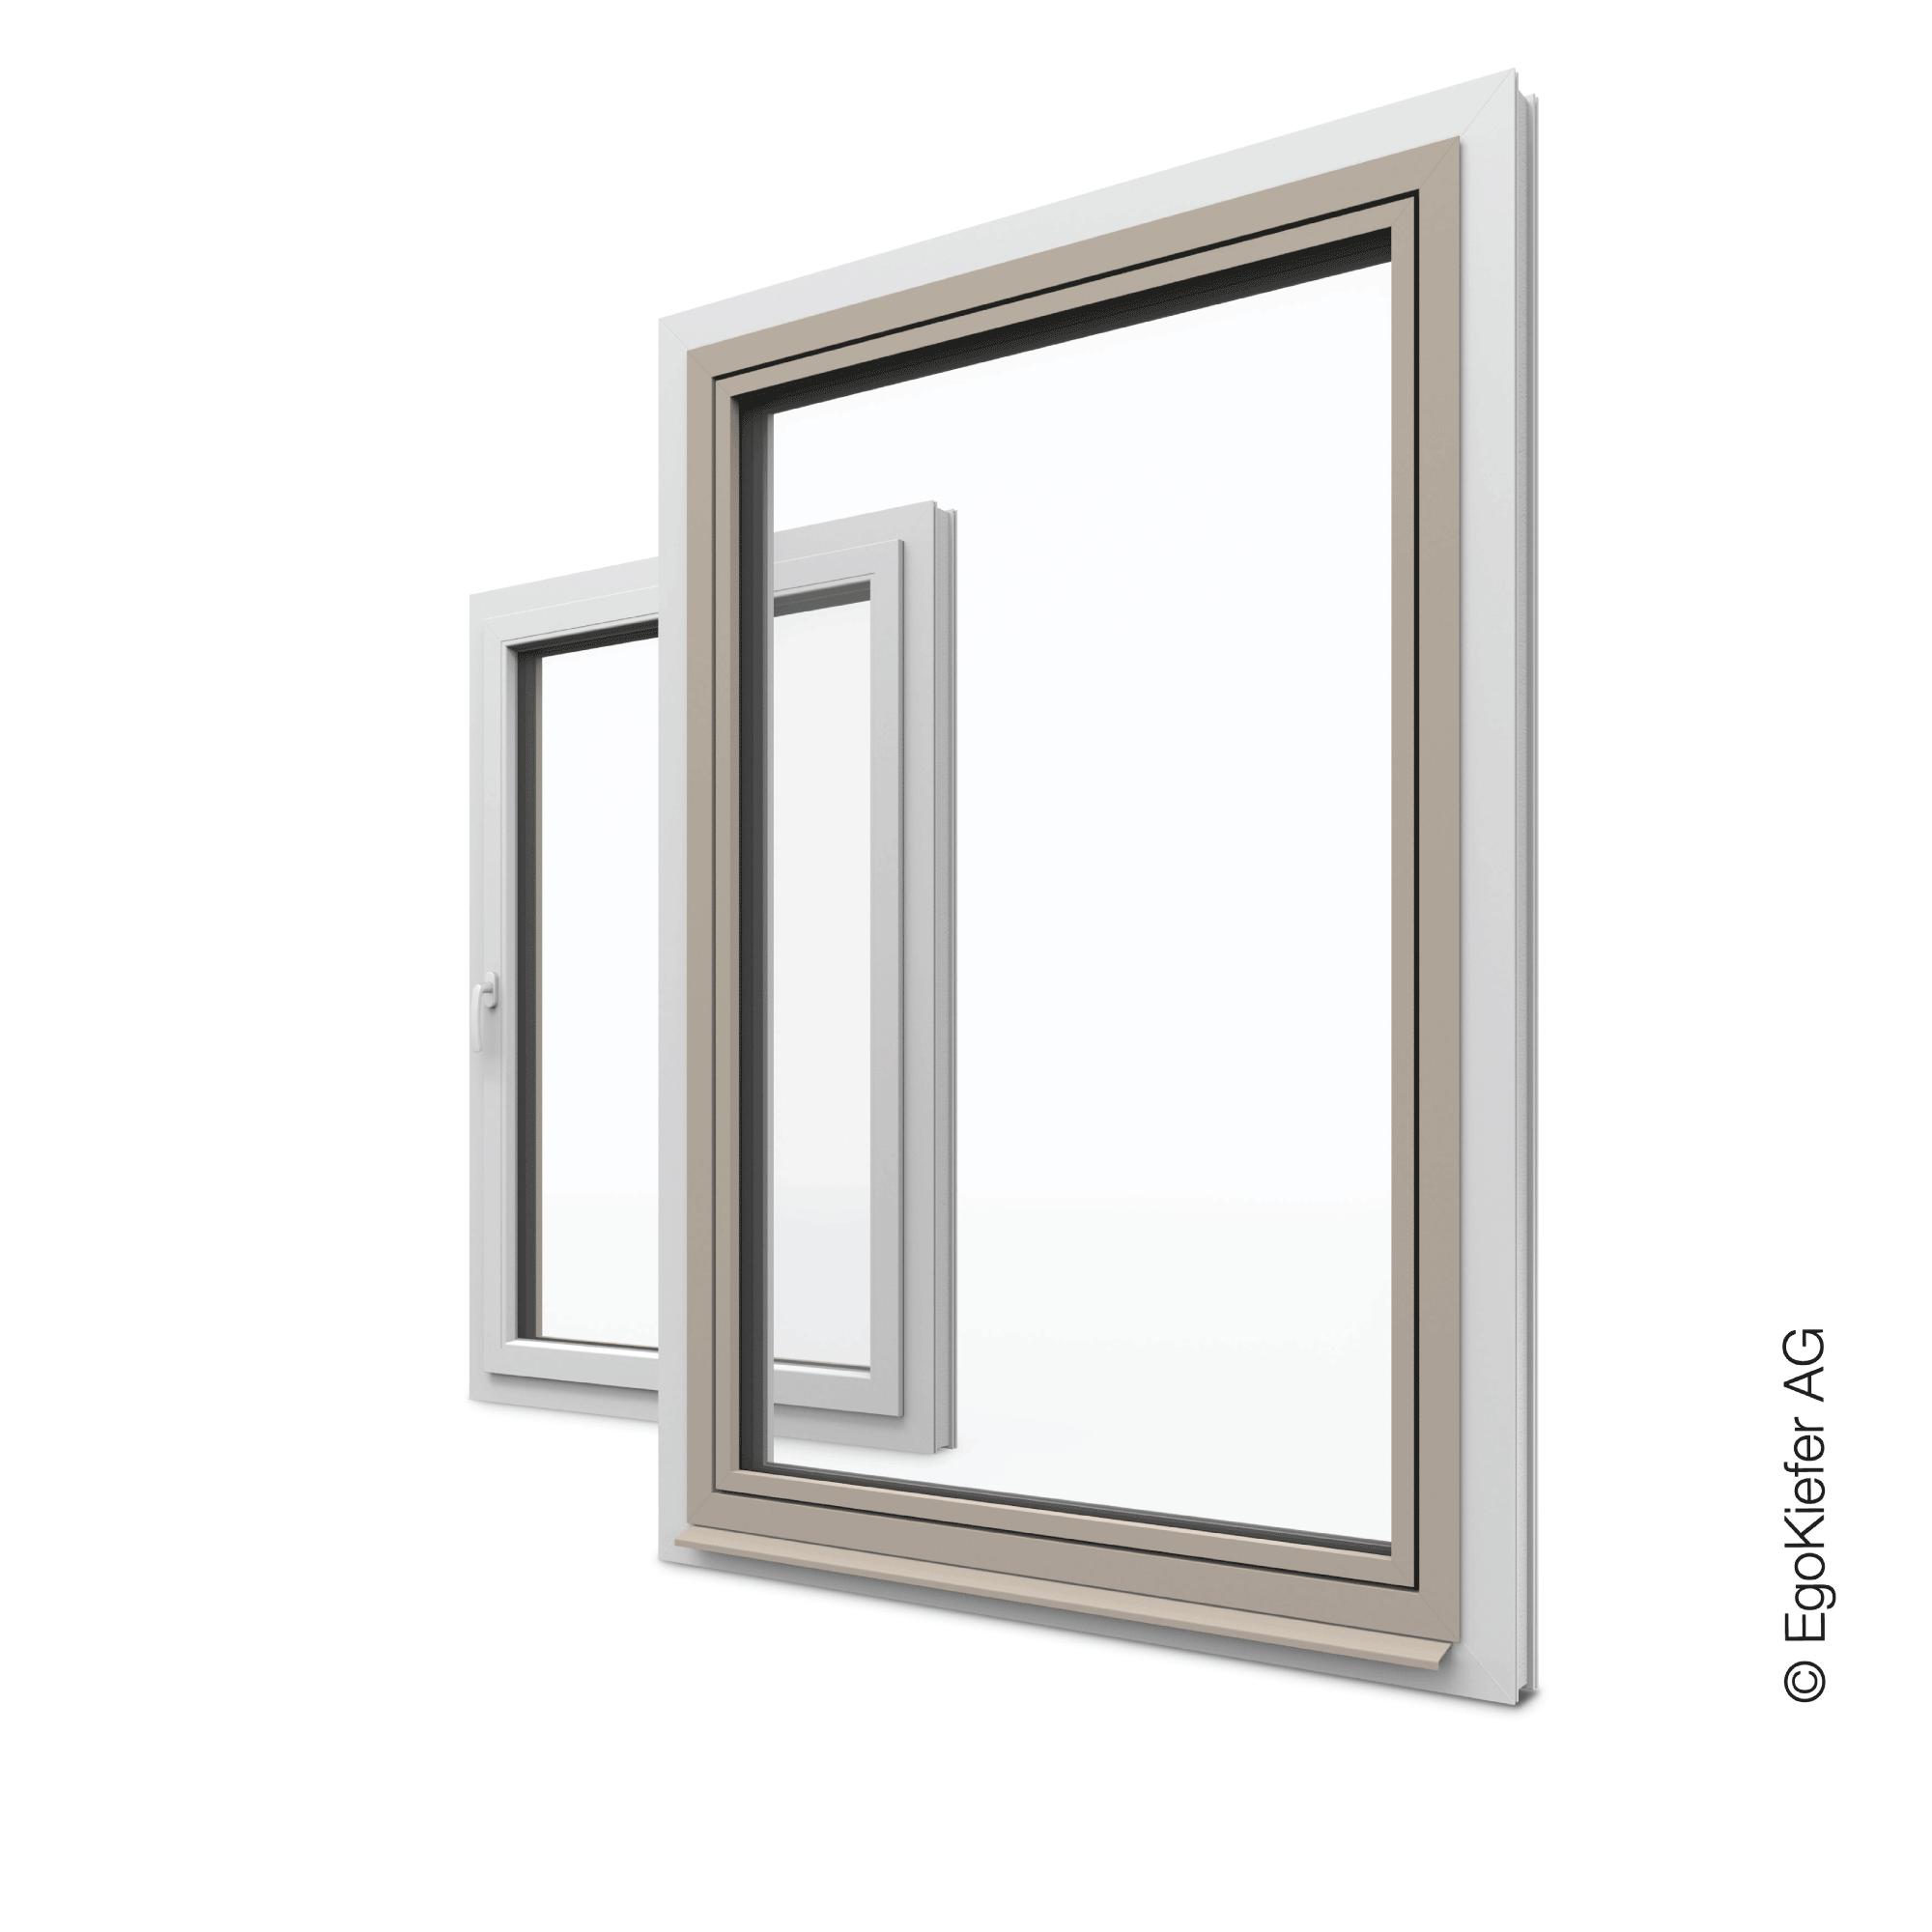 WEB1 Kunststoff Aluminium Fenster EgoAllround Zeichenfläche 1